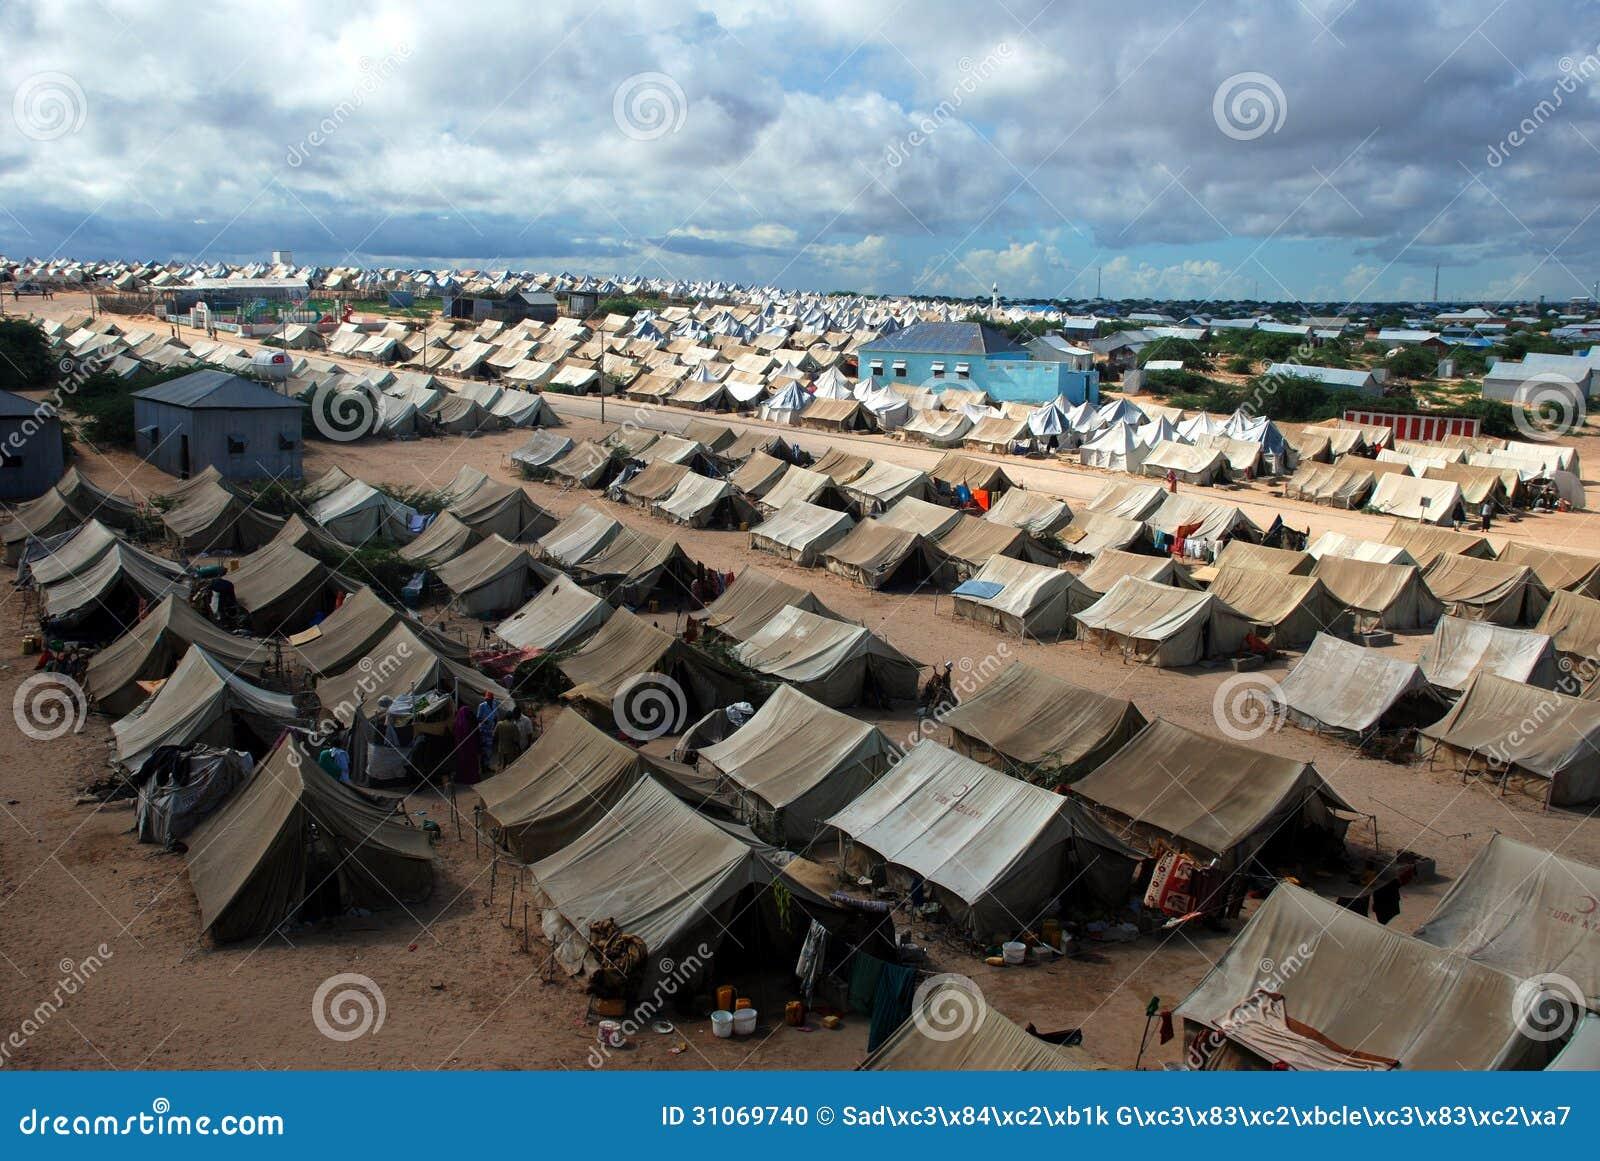 Flyktingläger i Mogadishu